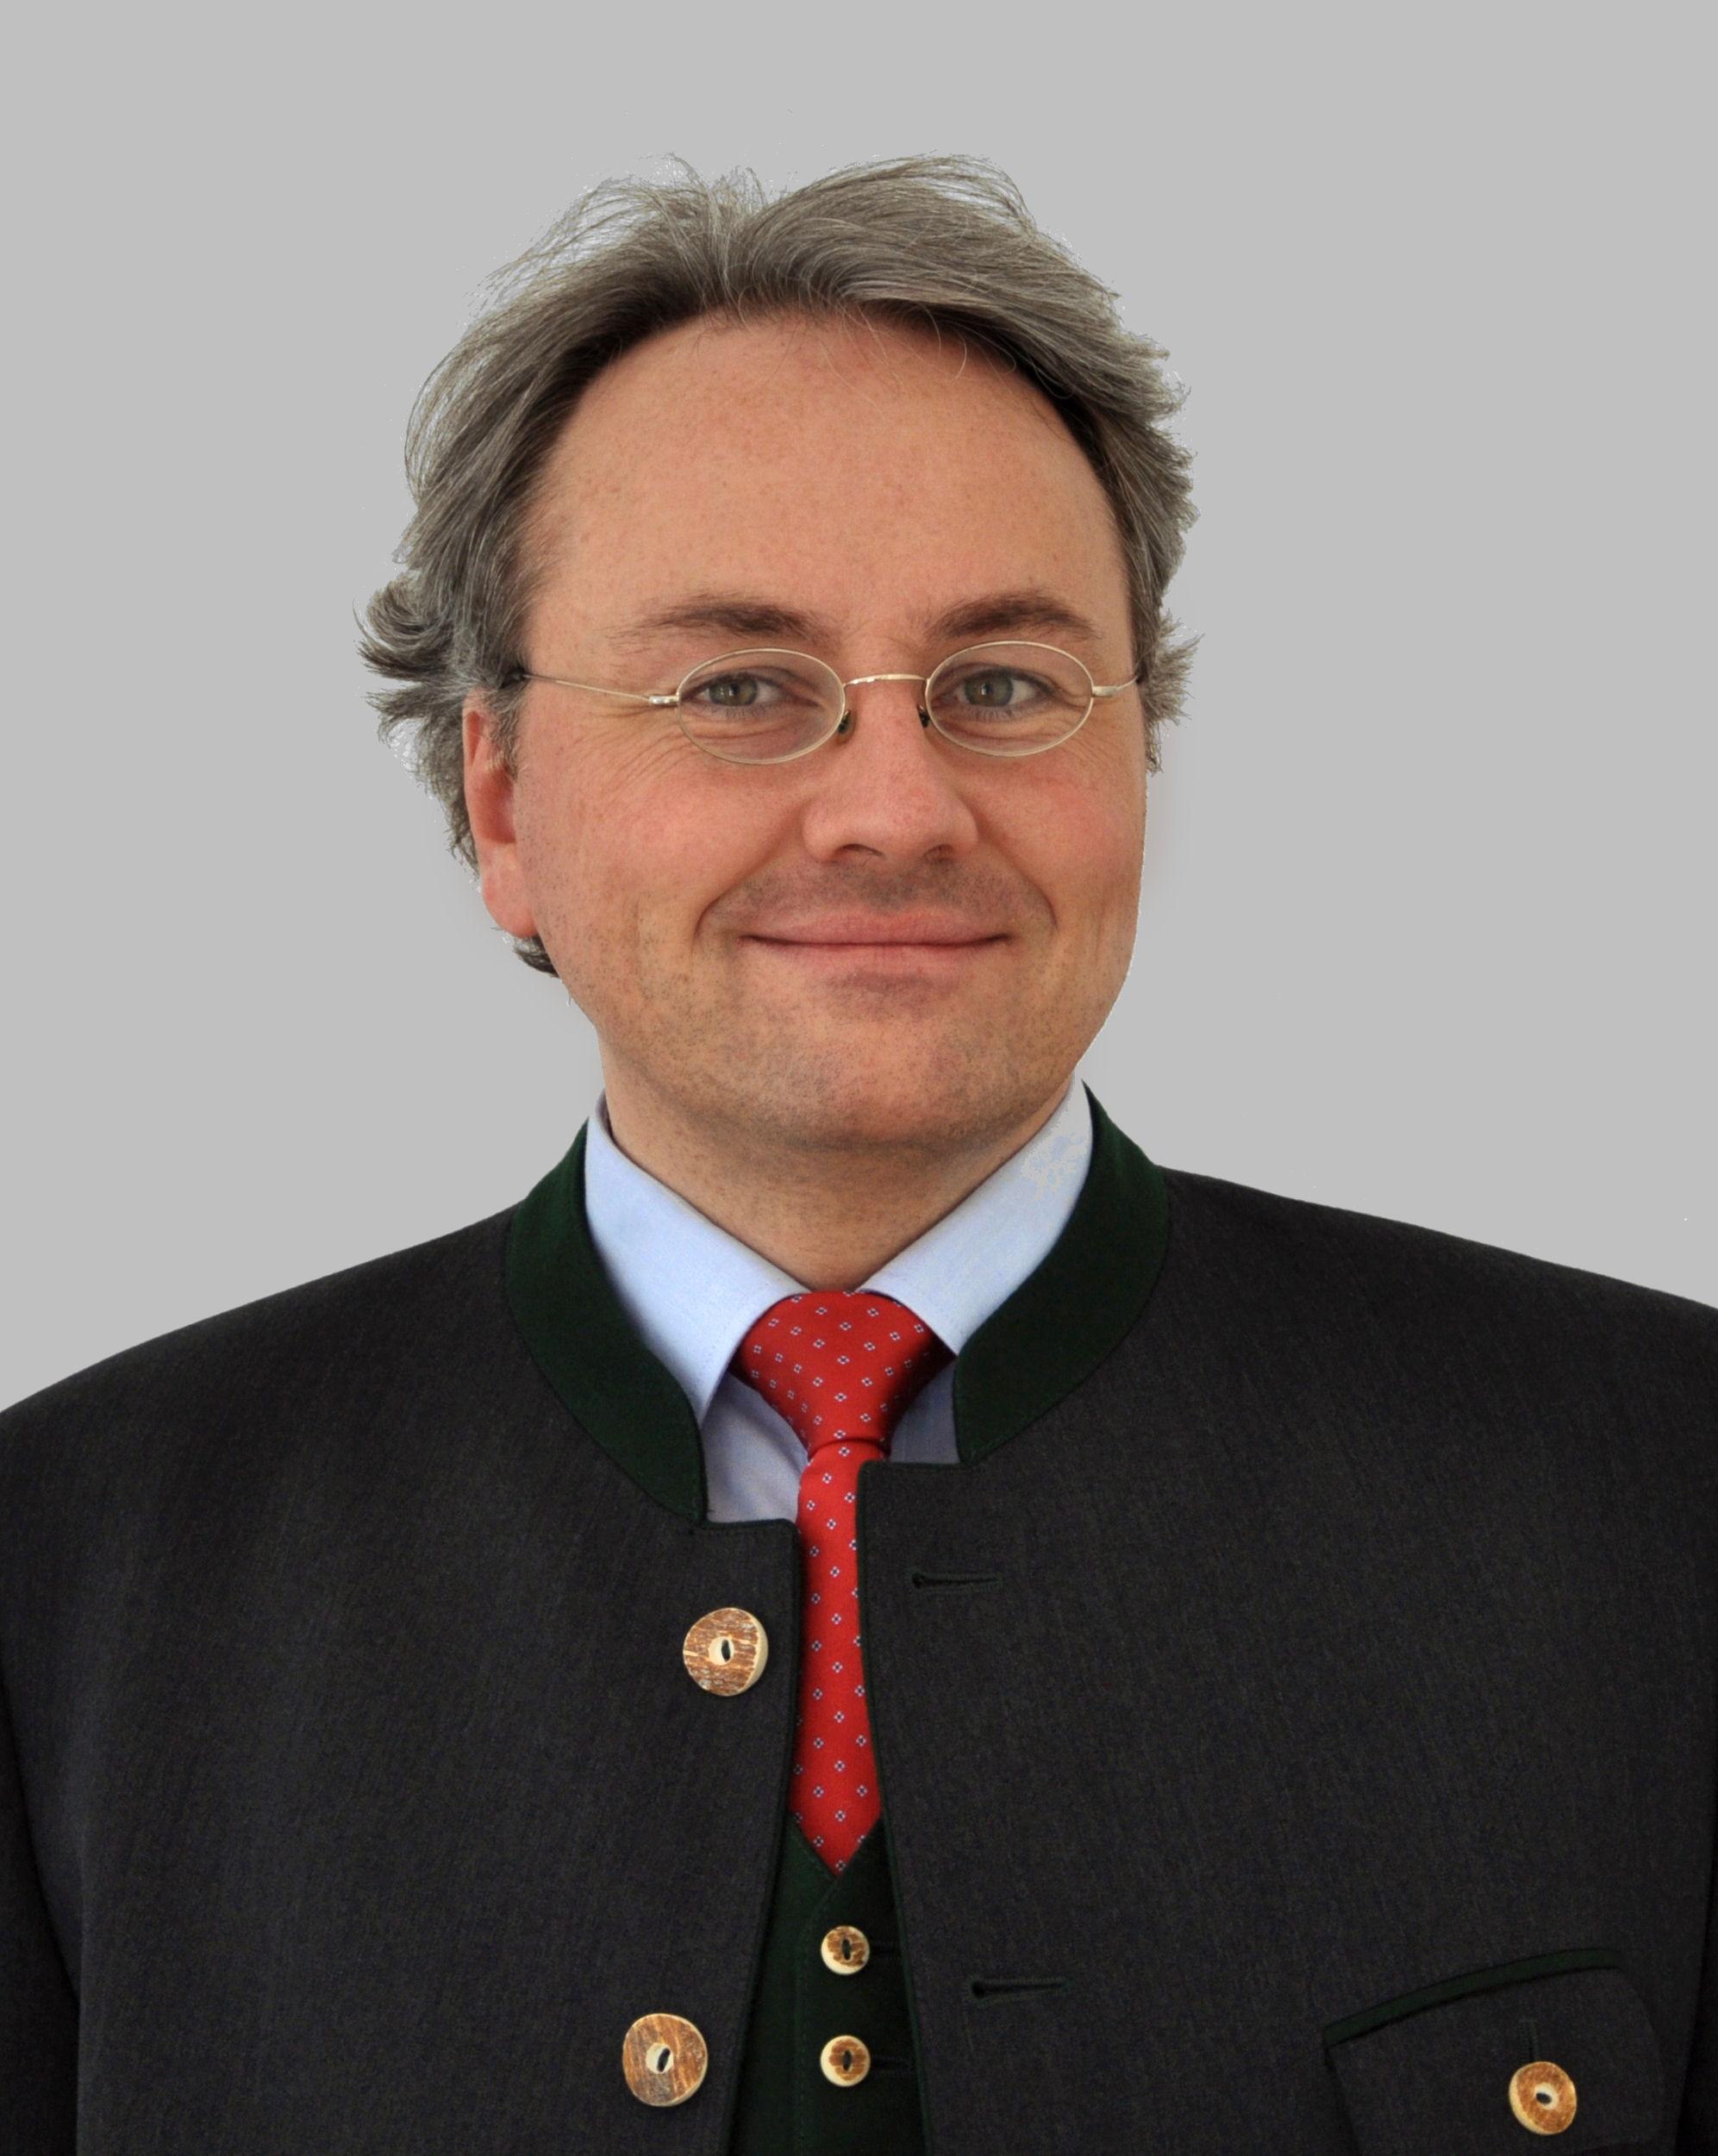 Sachverständiger Ulrich Kantner